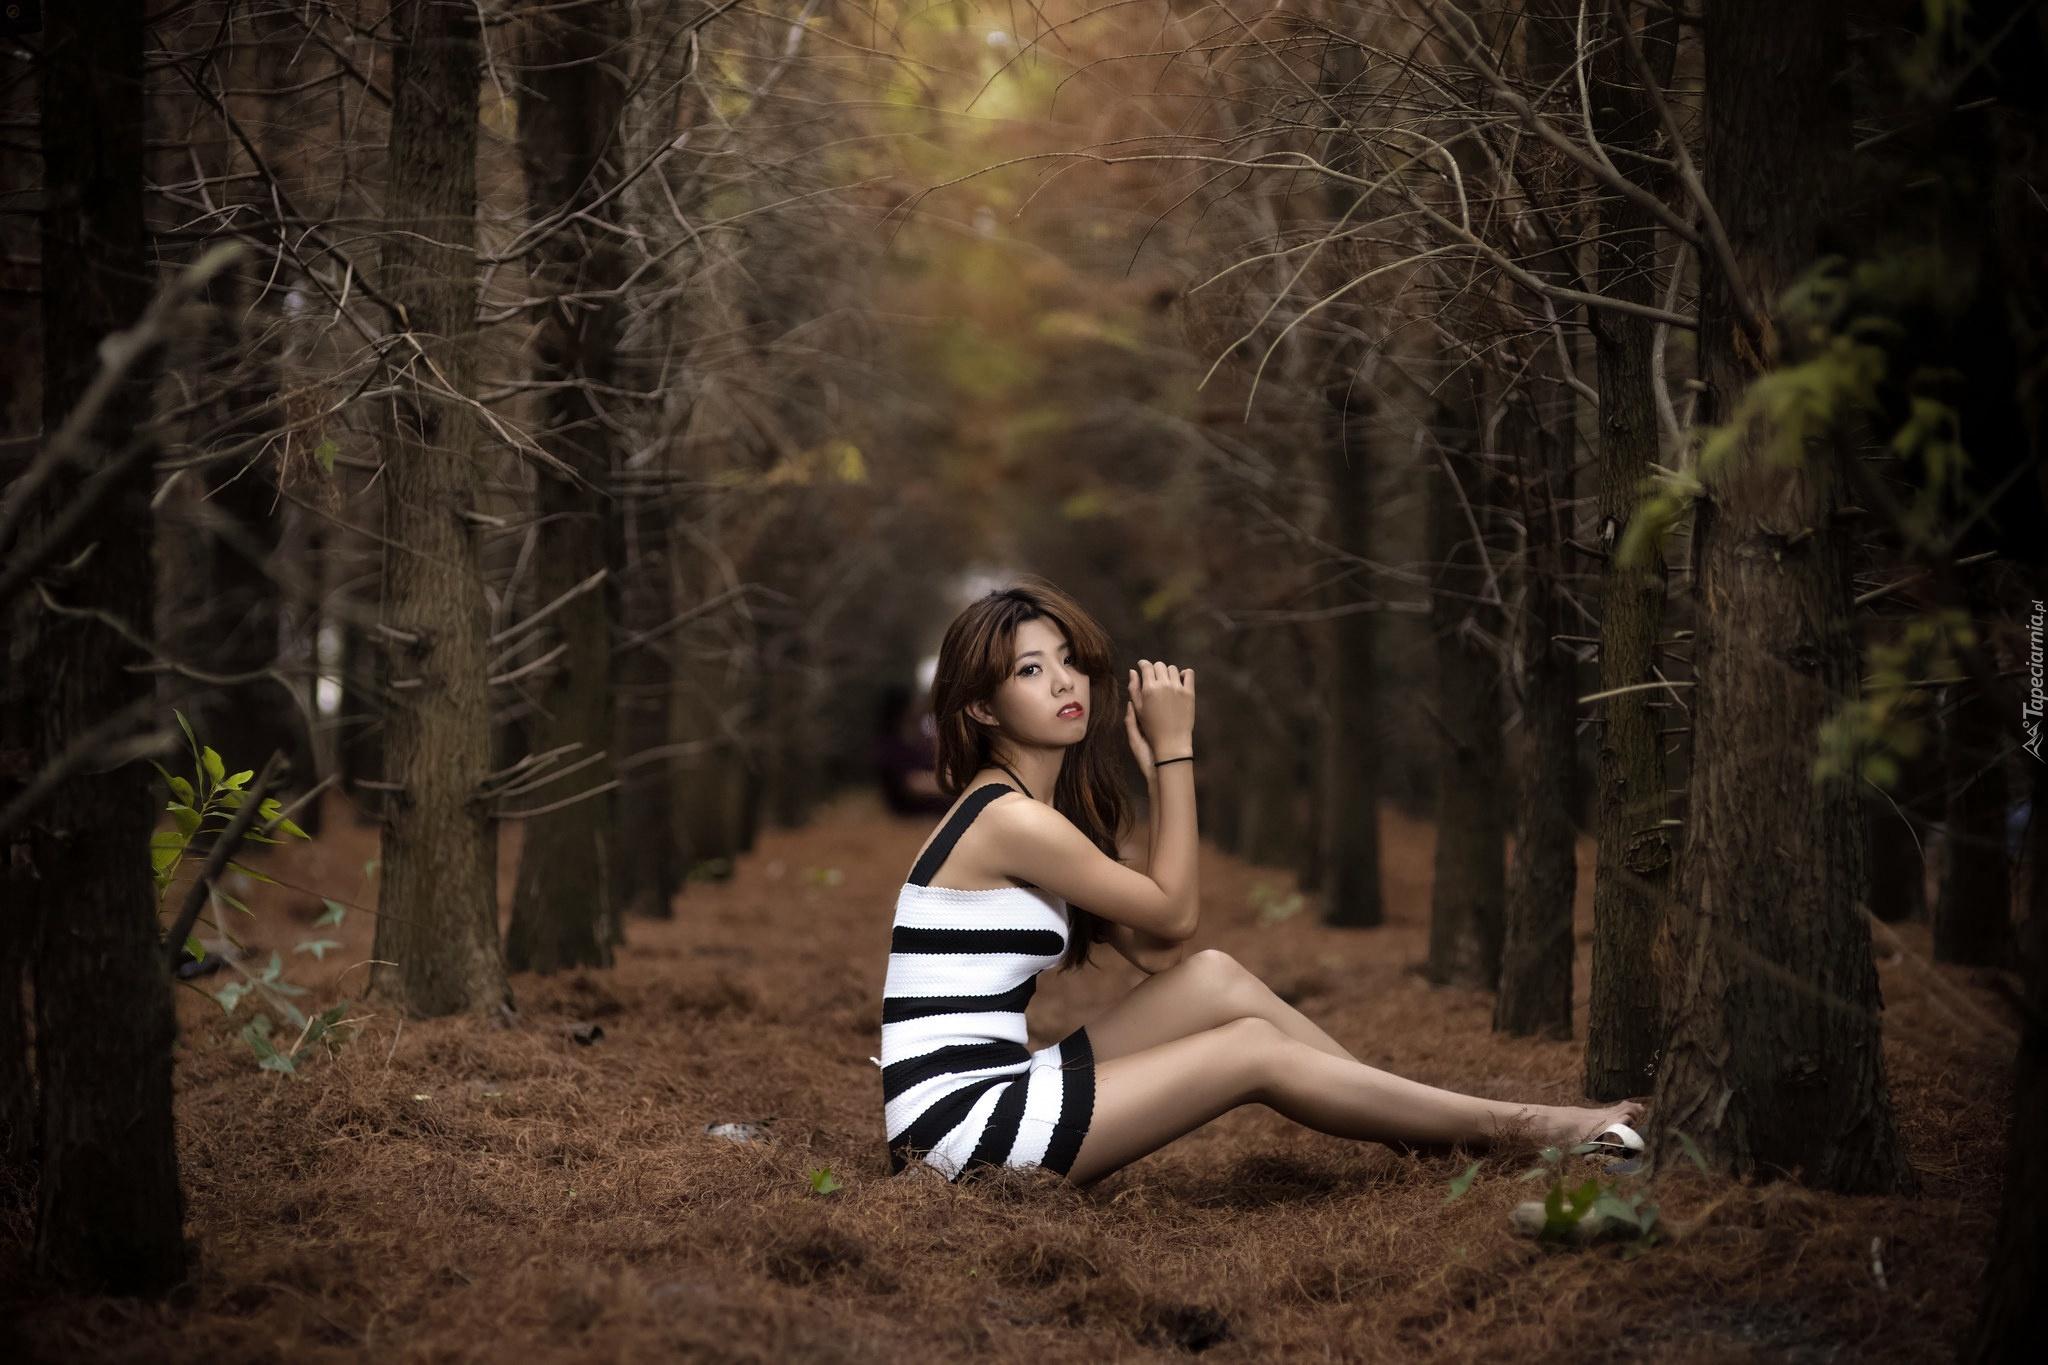 Ласковая девушка позирует в чулках на природе при тумане  700056